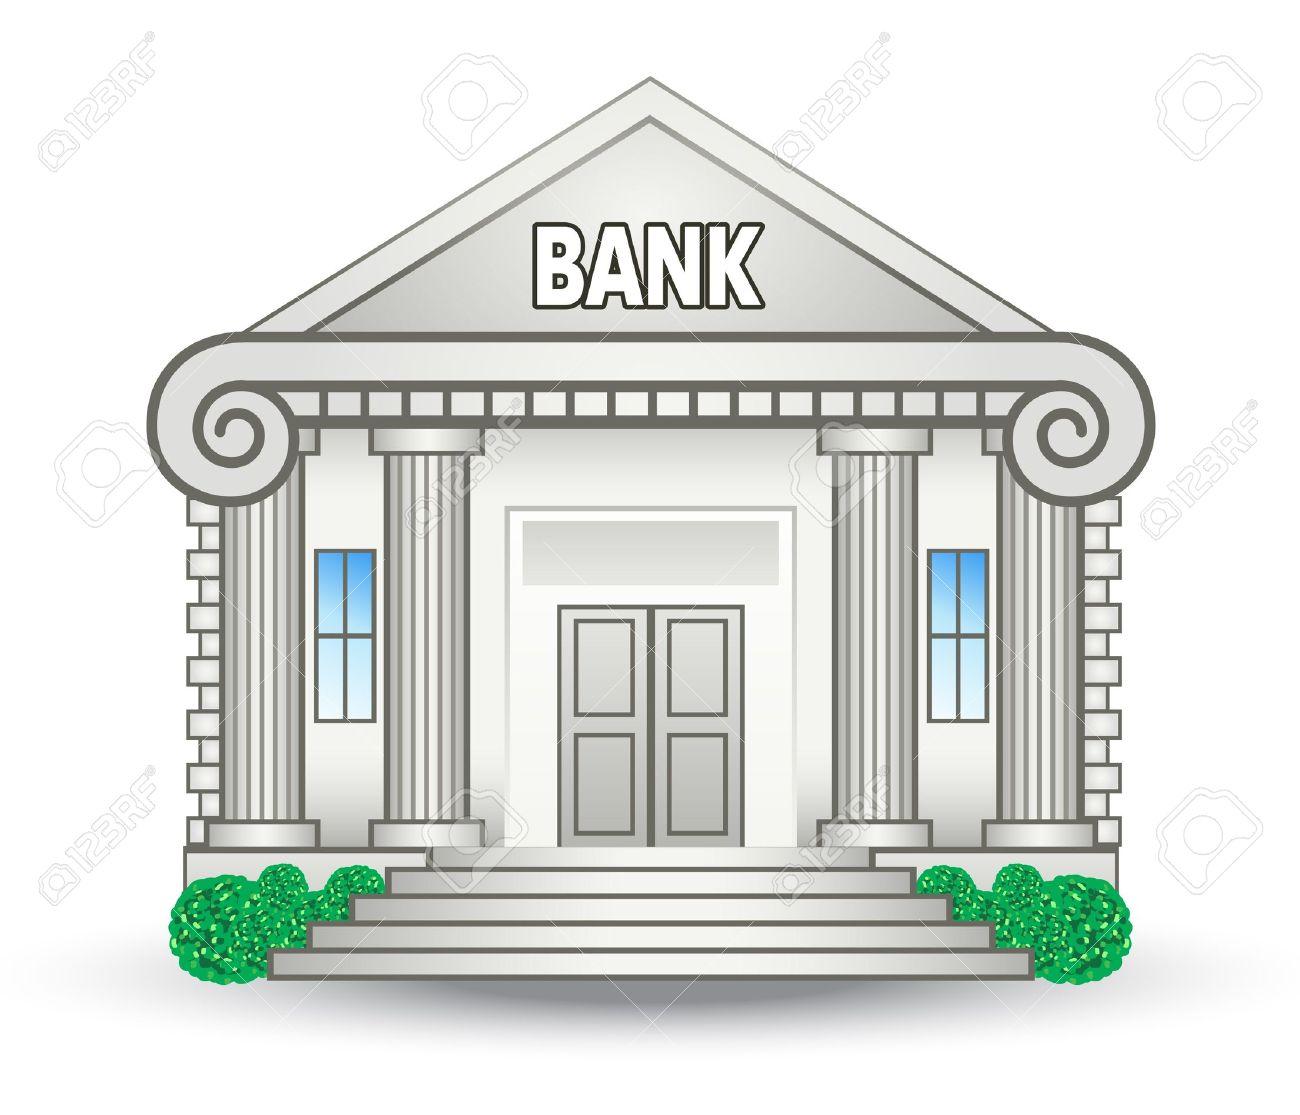 दशैंको समयमा बैंक बन्द रहने